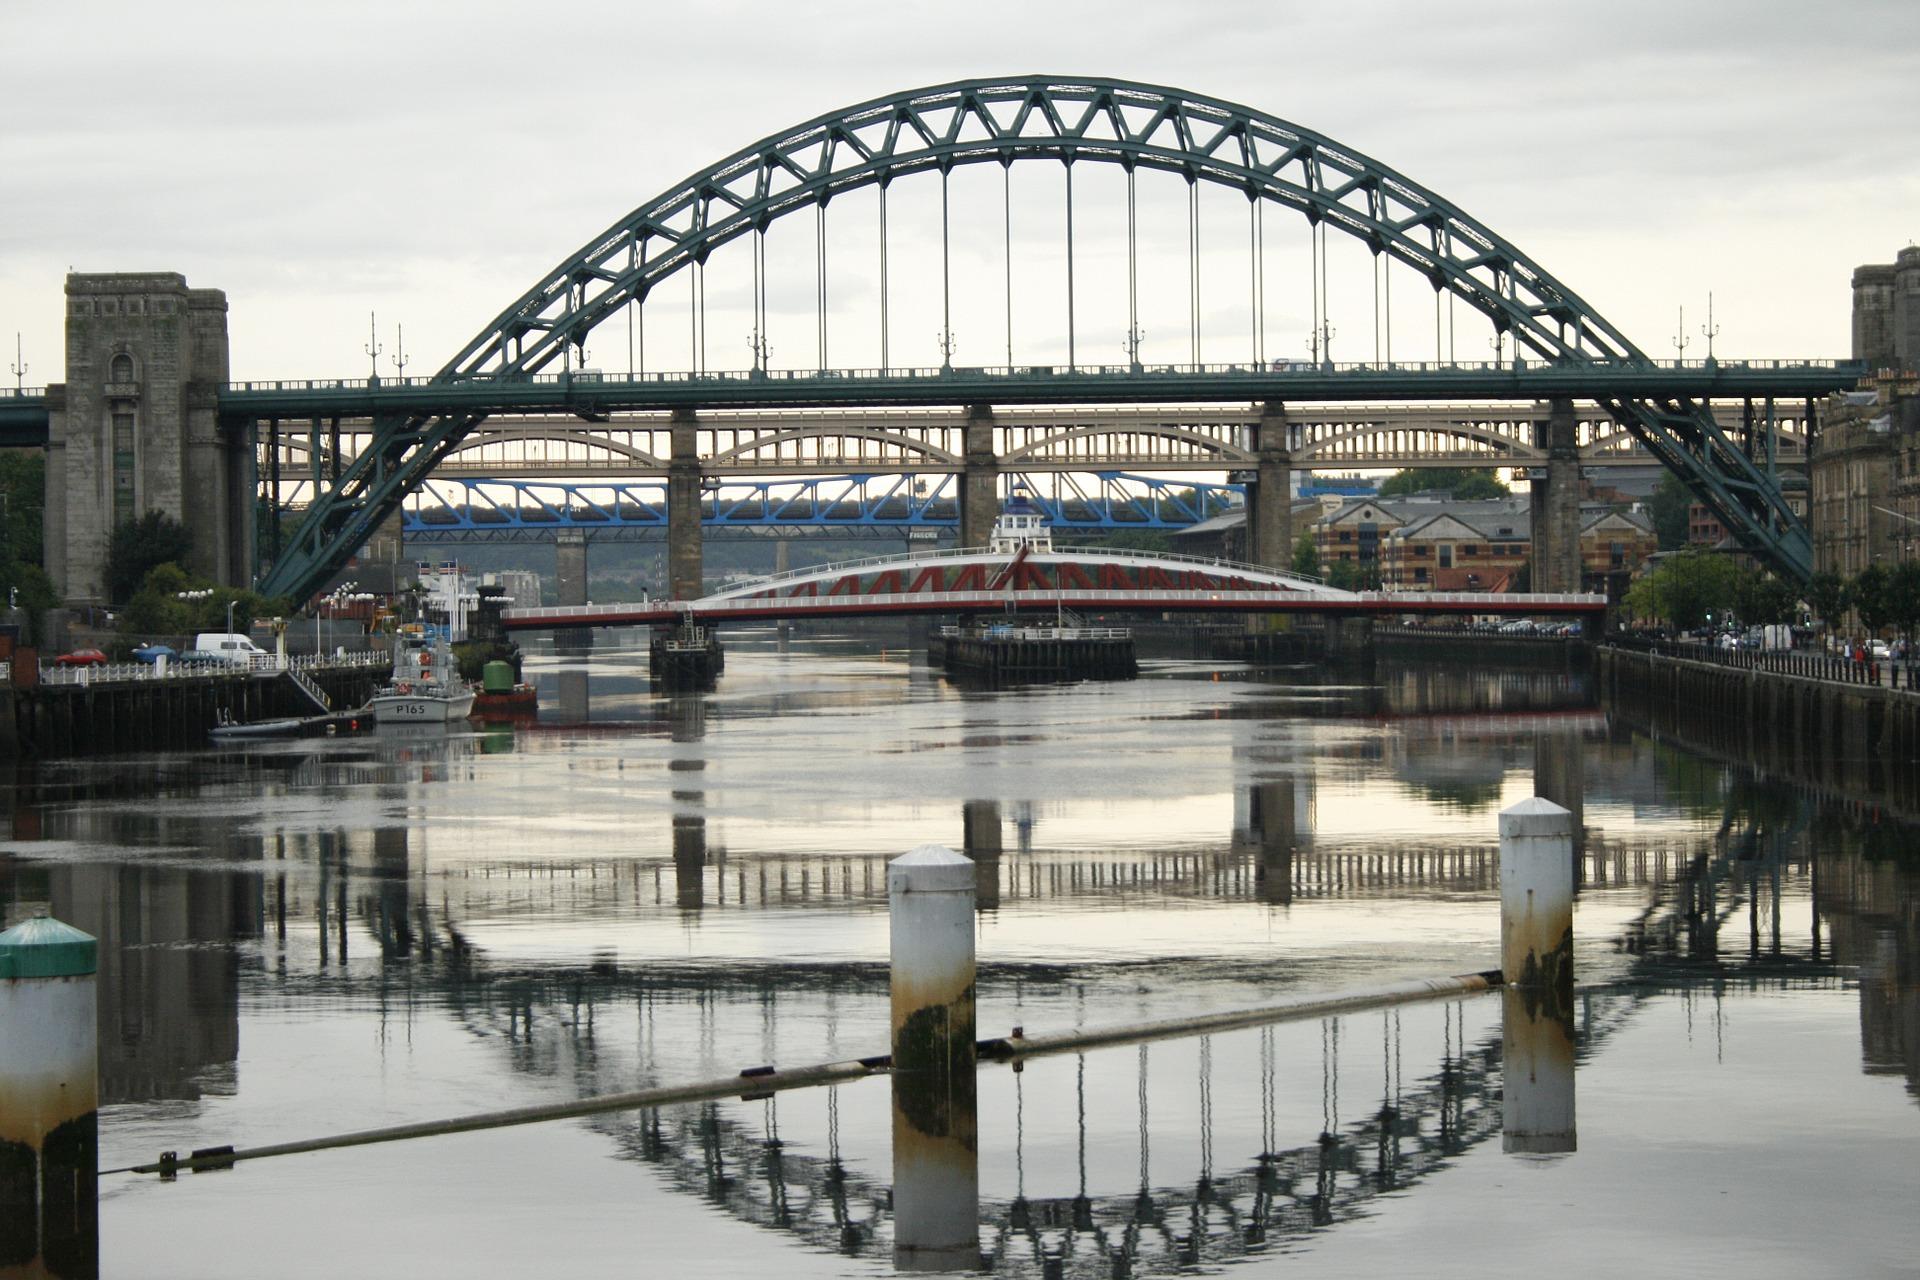 Newcastle-Upon-Tyne Bridge in England.